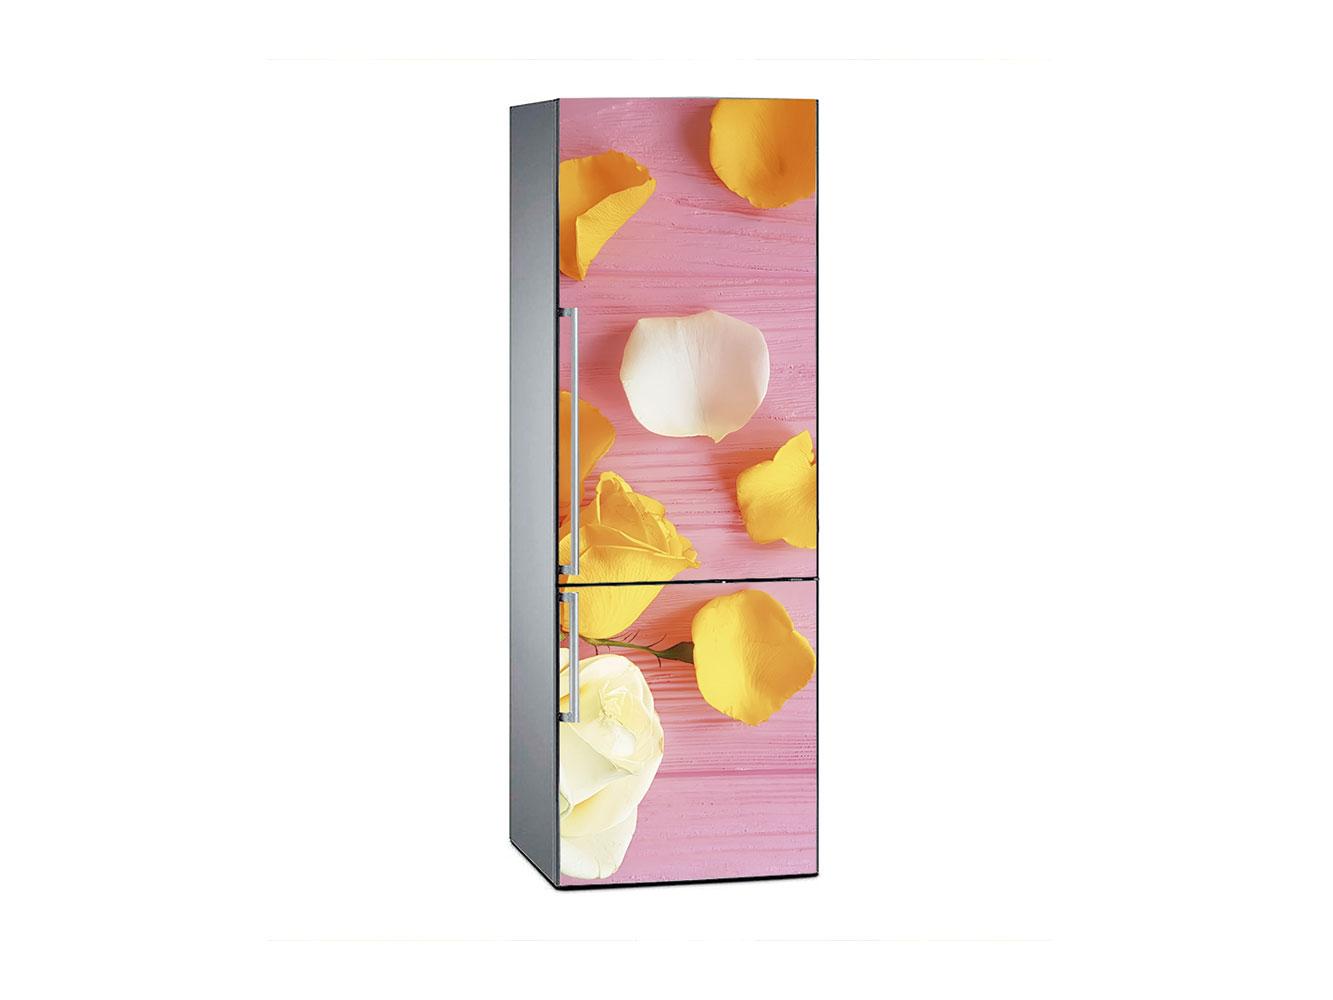 Vinilo Frigorífico Pétalos Madera Rosa | Carteles XXL - Impresión carteleria publicitaria